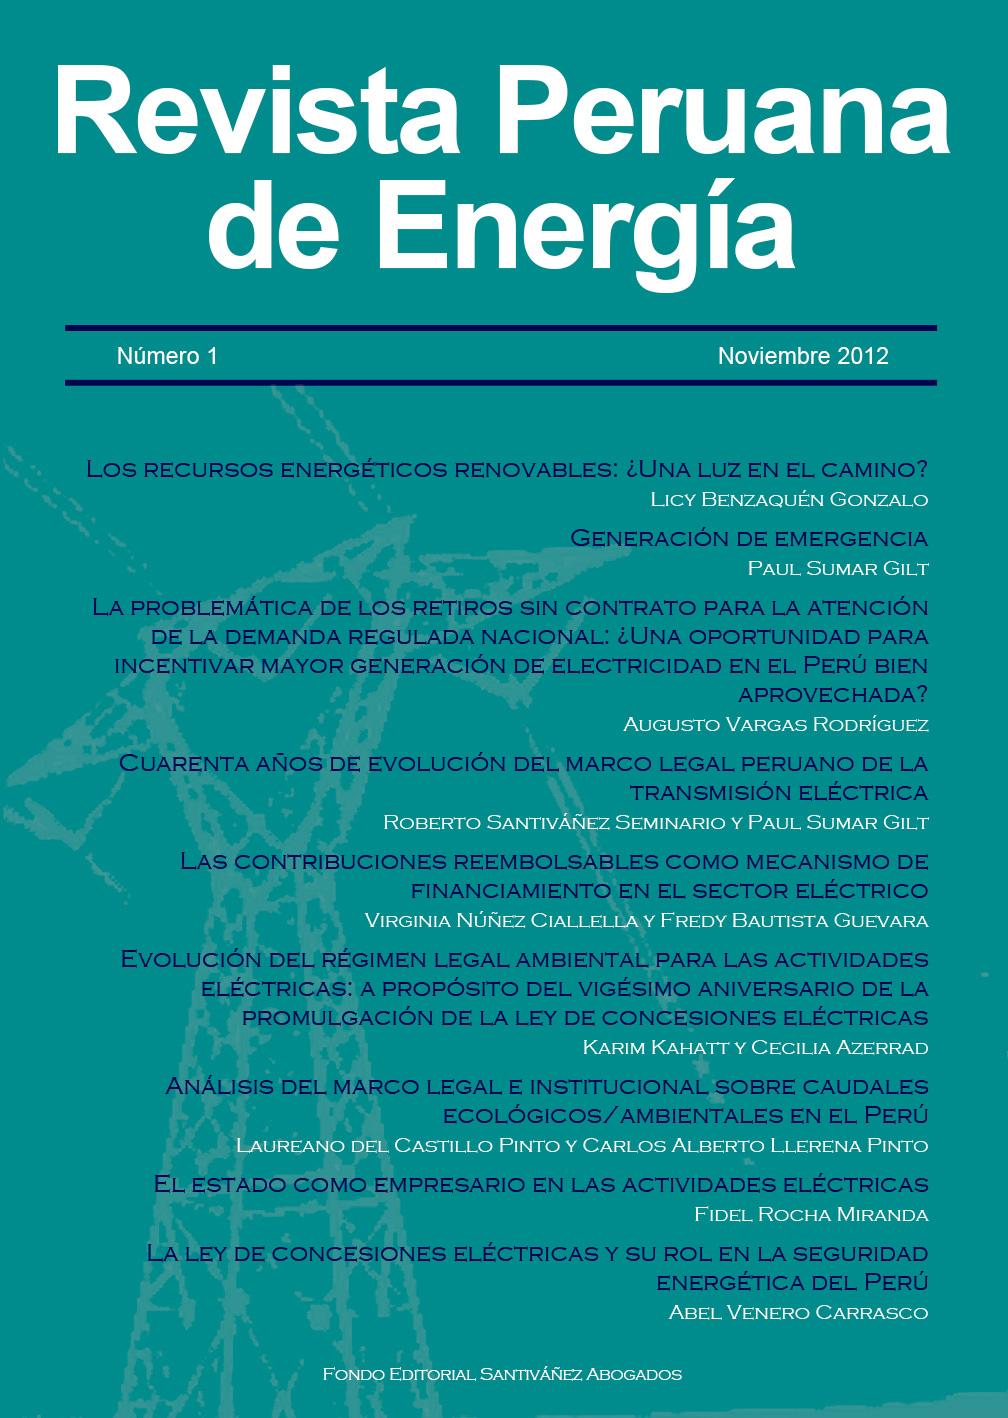 revista-peruana-energia-1